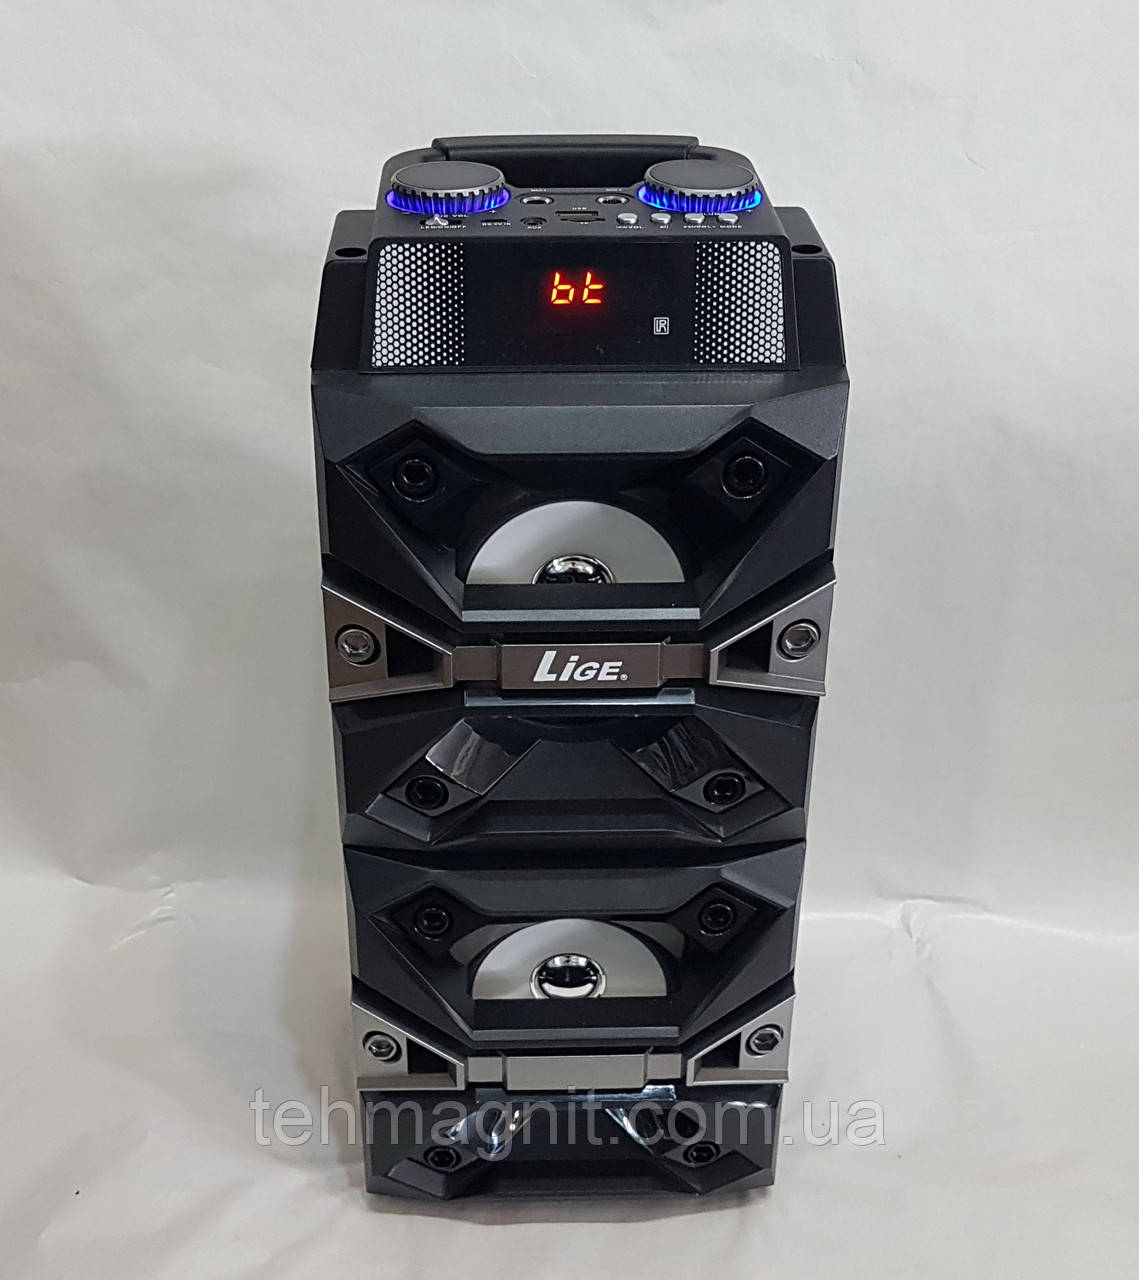 Портативная колонка Lige AL-3522-DT